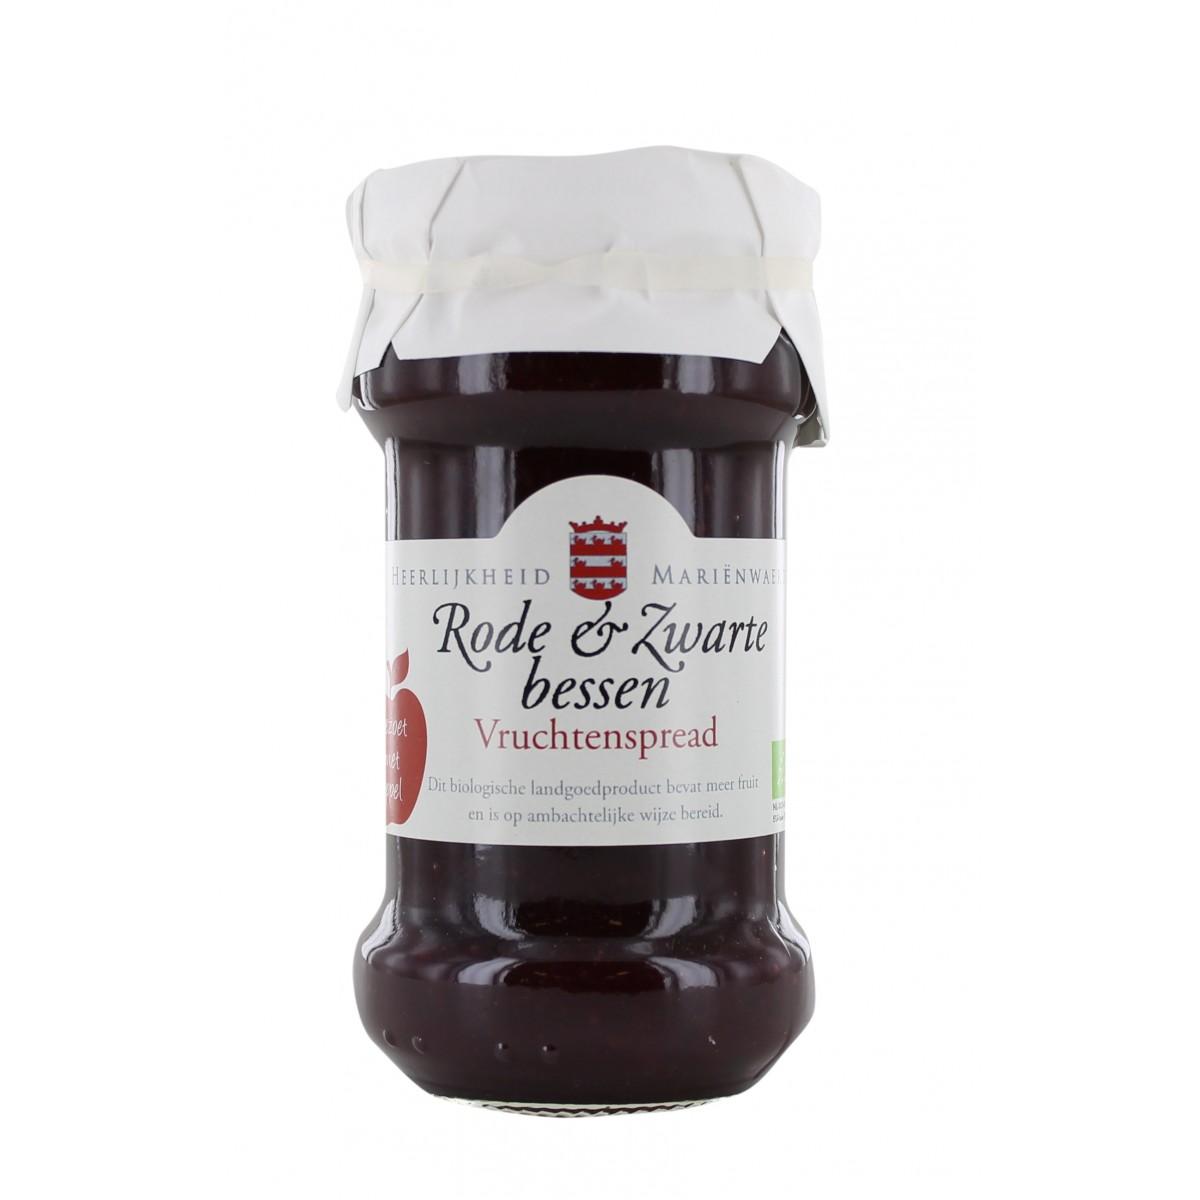 Vruchtenspread Rode & Zwarte Bessen